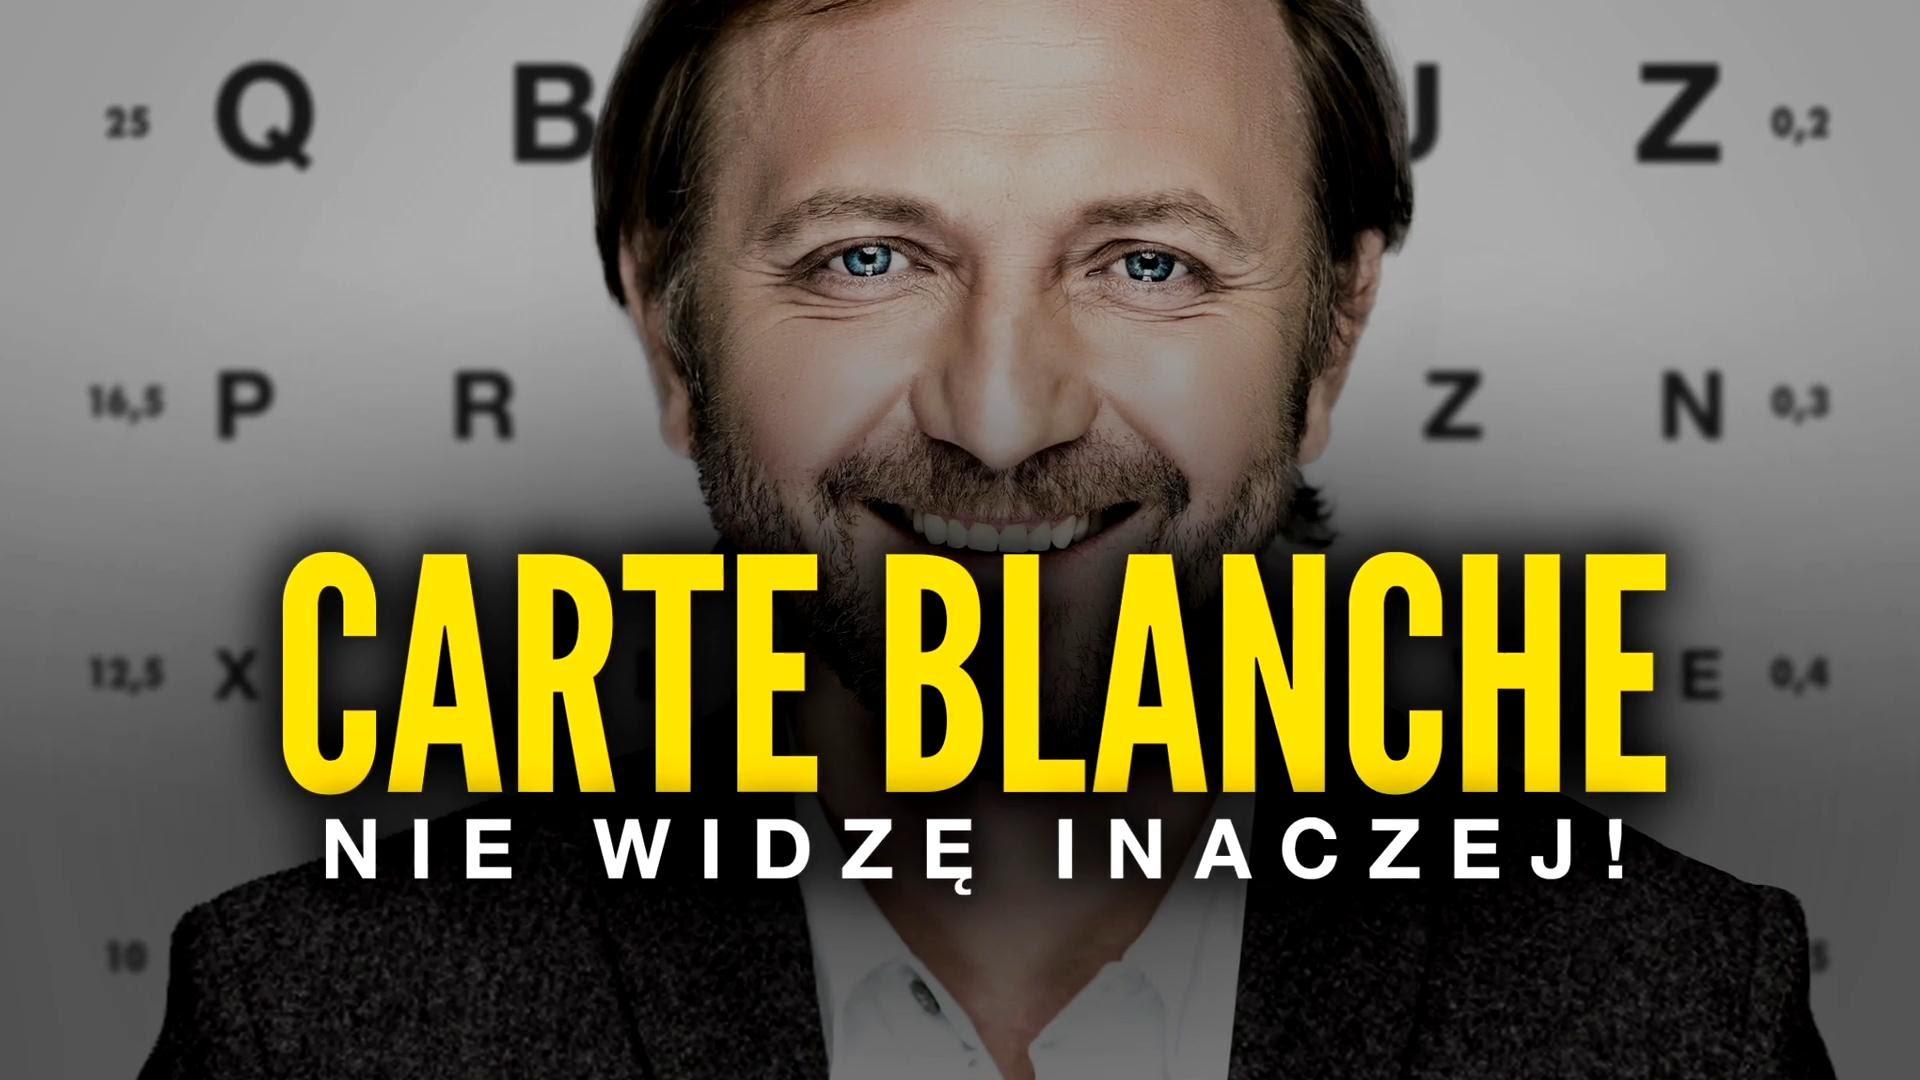 """Intrygująca historia, zmarnowany potencjał. """"Carte blanche"""" – recenzja sPlay"""